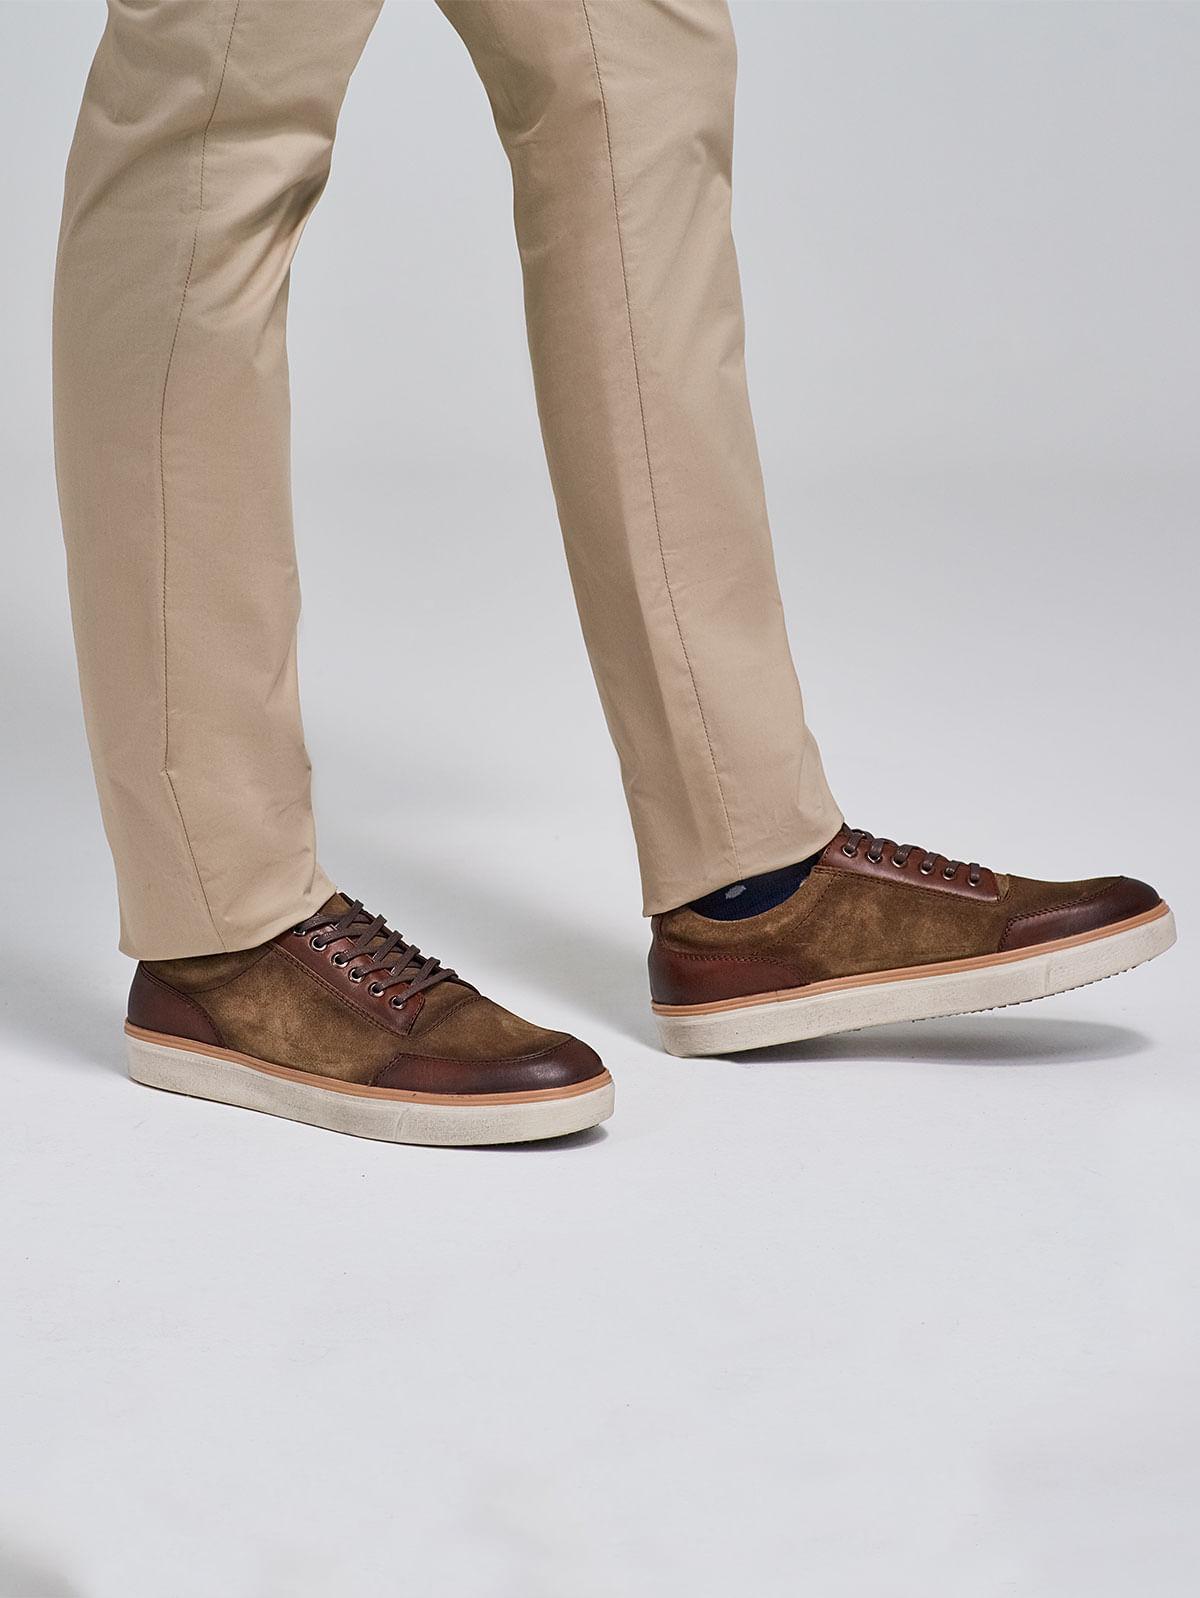 Zapato de Cuero Tipo Sneaker con Cordones 81816 - Arturo Calle 25c3de75ddd70